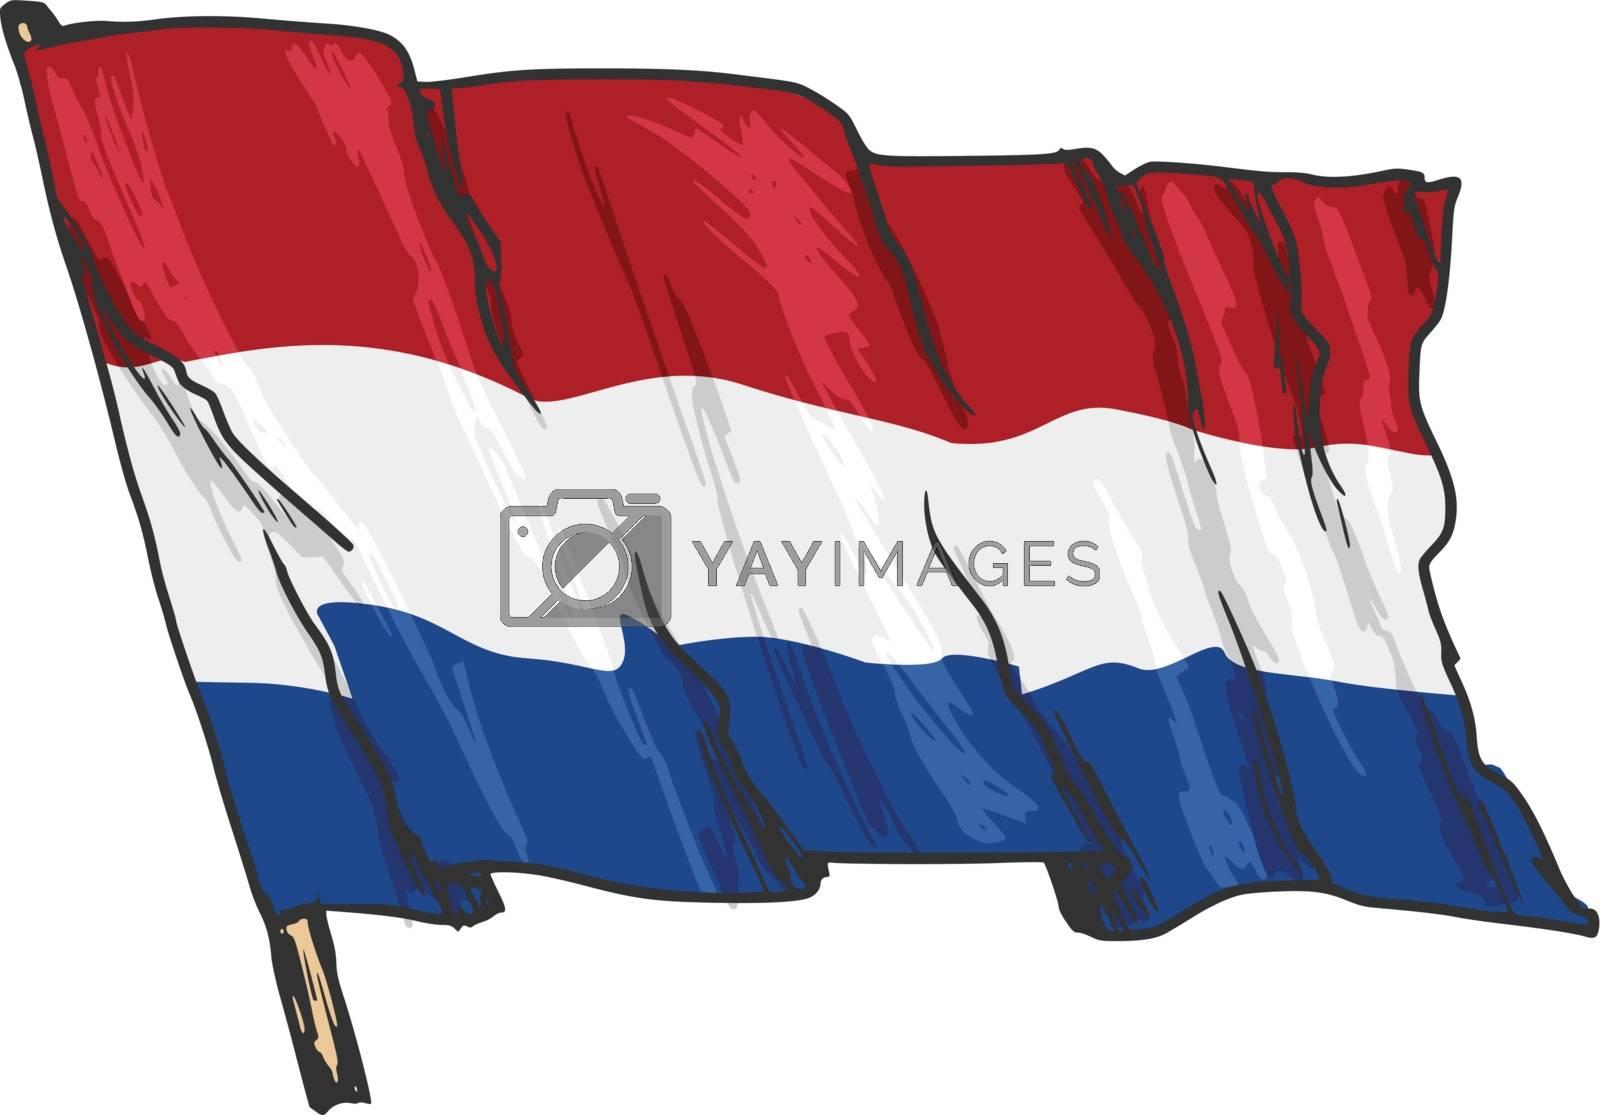 hand drawn, sketch, illustration of flag of Netherlands